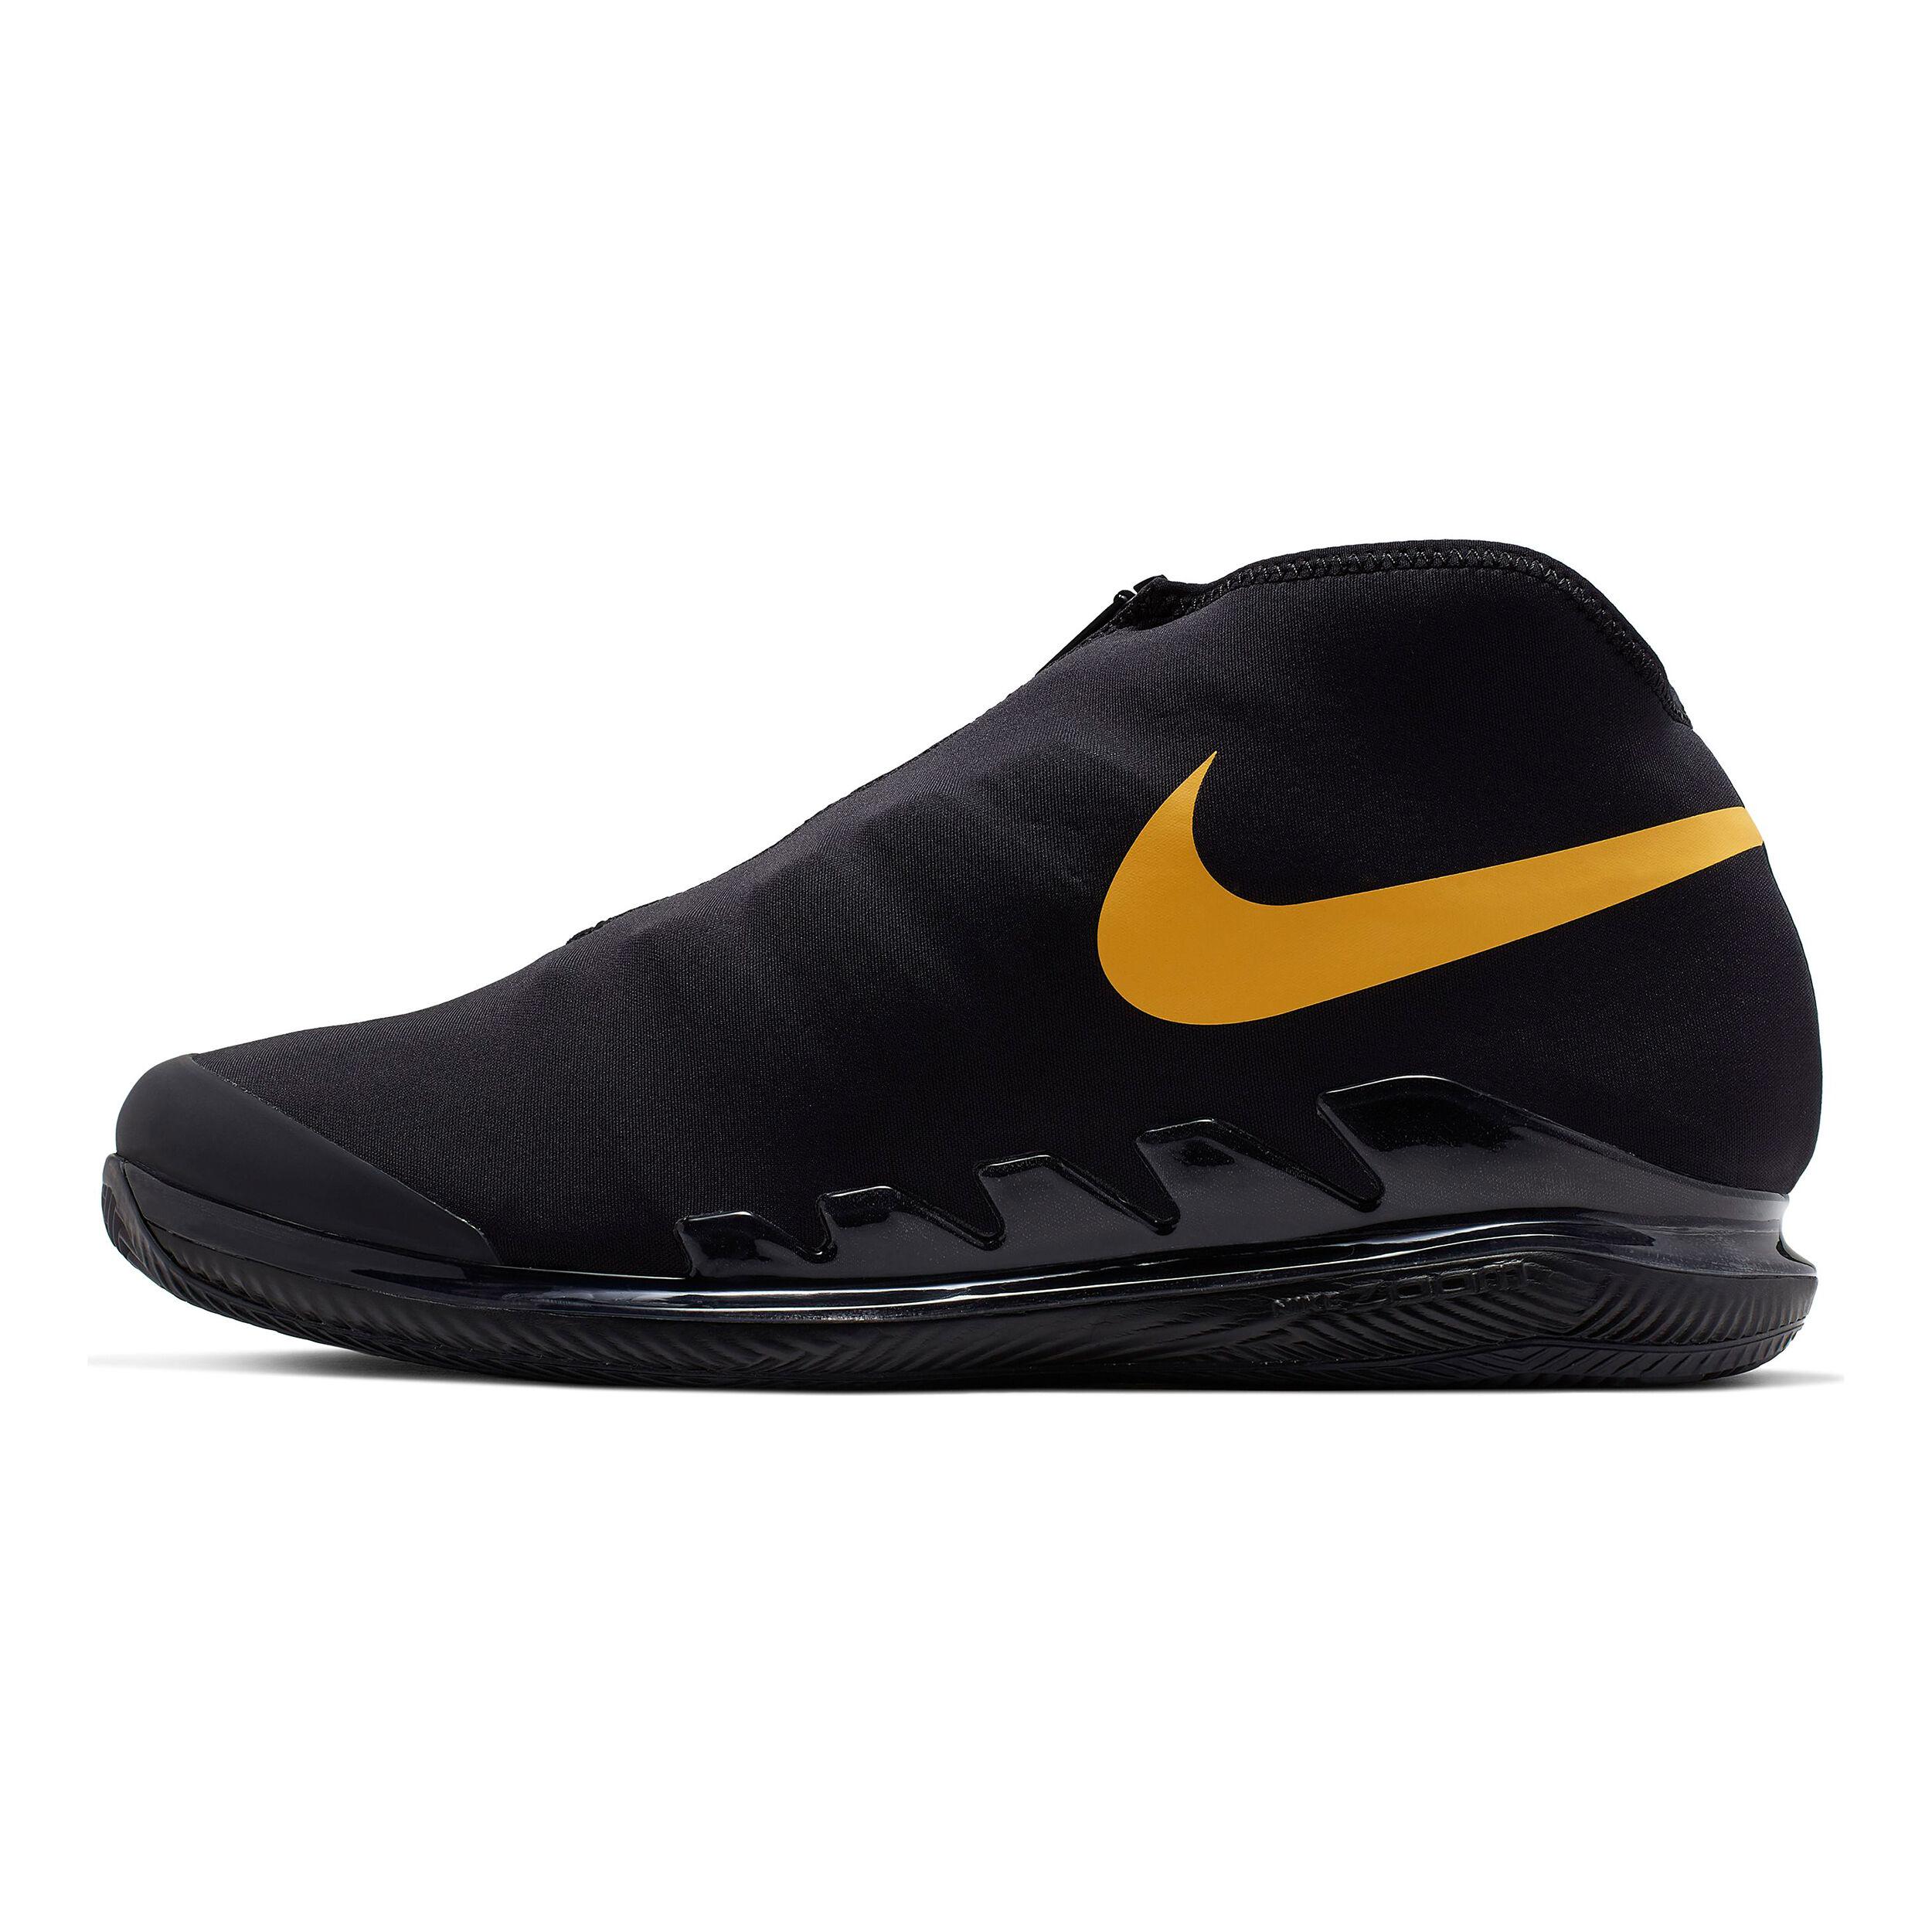 Nike Air Zoom Vapor X Glove Chaussure Terre Battue Hommes